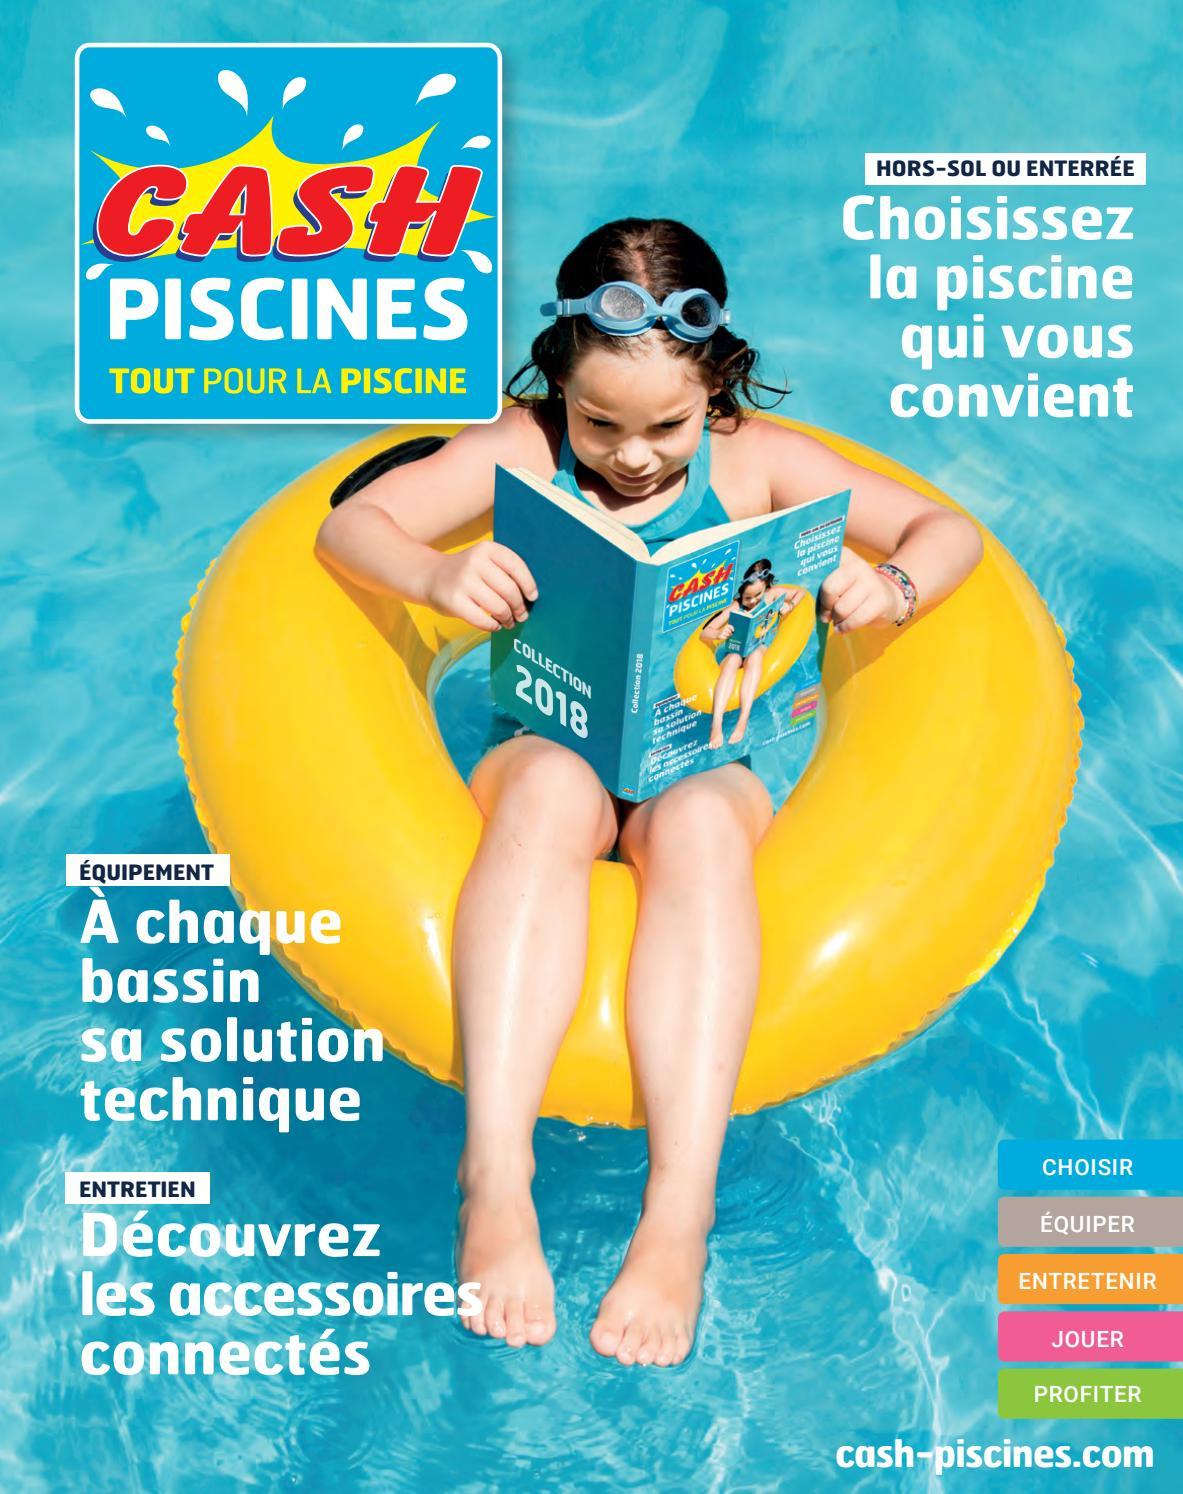 Catalogue Cash Piscine 2018 By Octave Octave - Issuu tout Cash Piscine Lescar